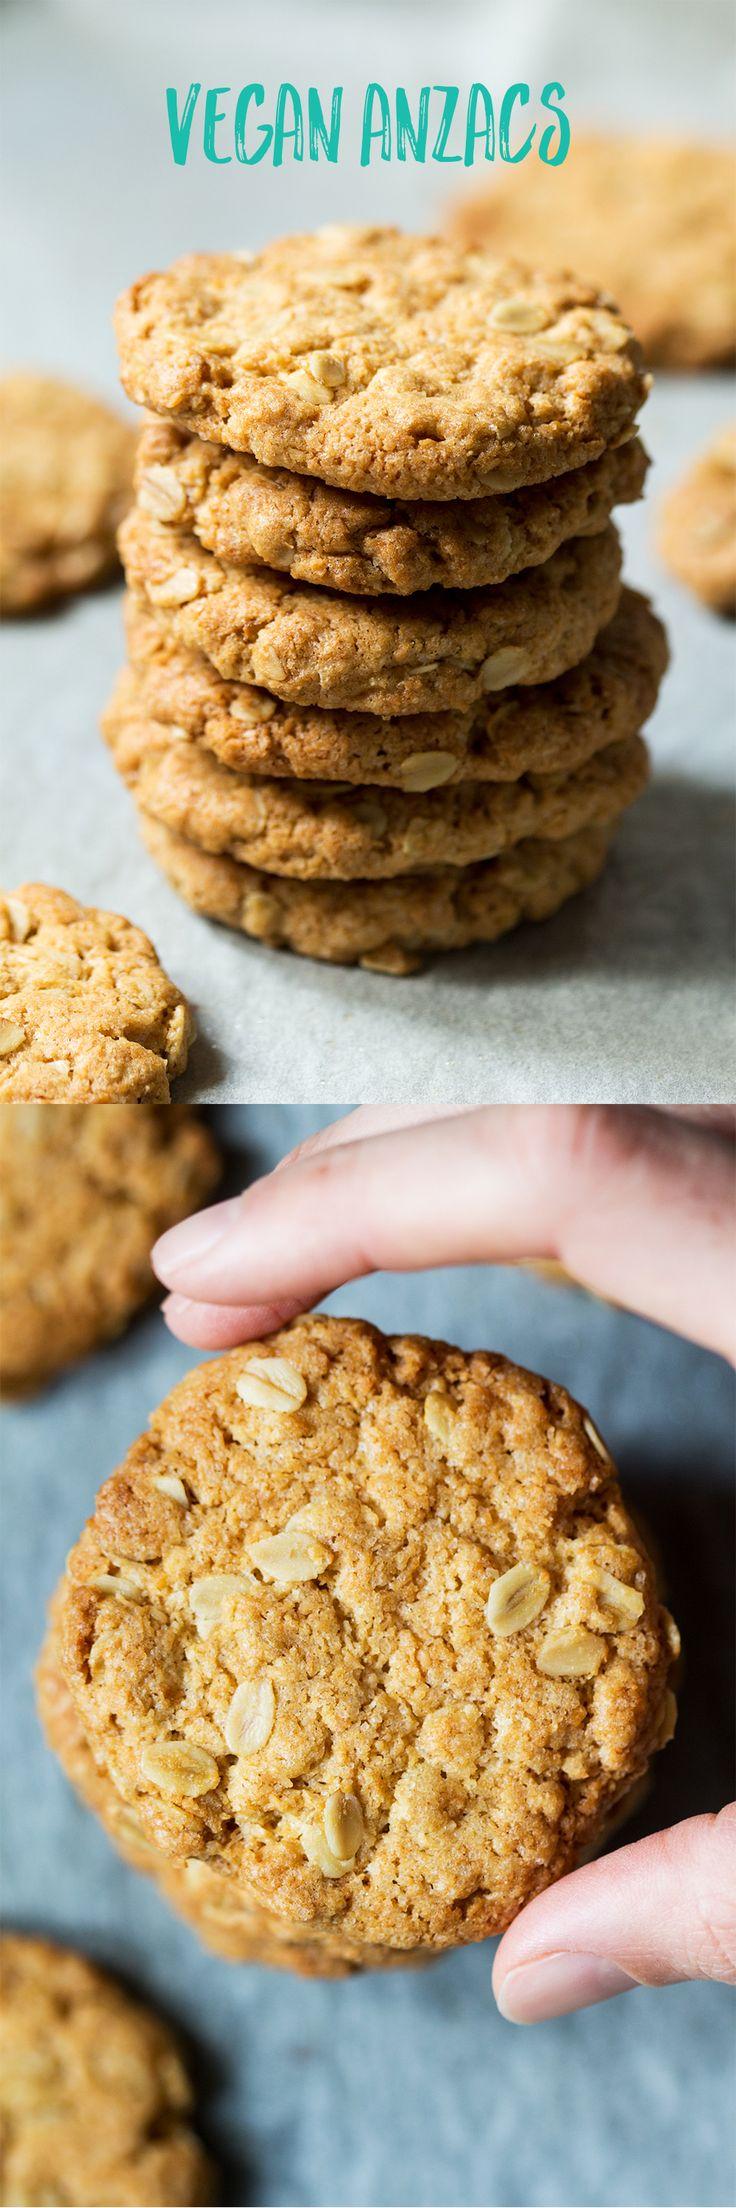 #vegan #anzaccookies #vegan #anzacs #biscuits #cook #easy #recipe #recipes